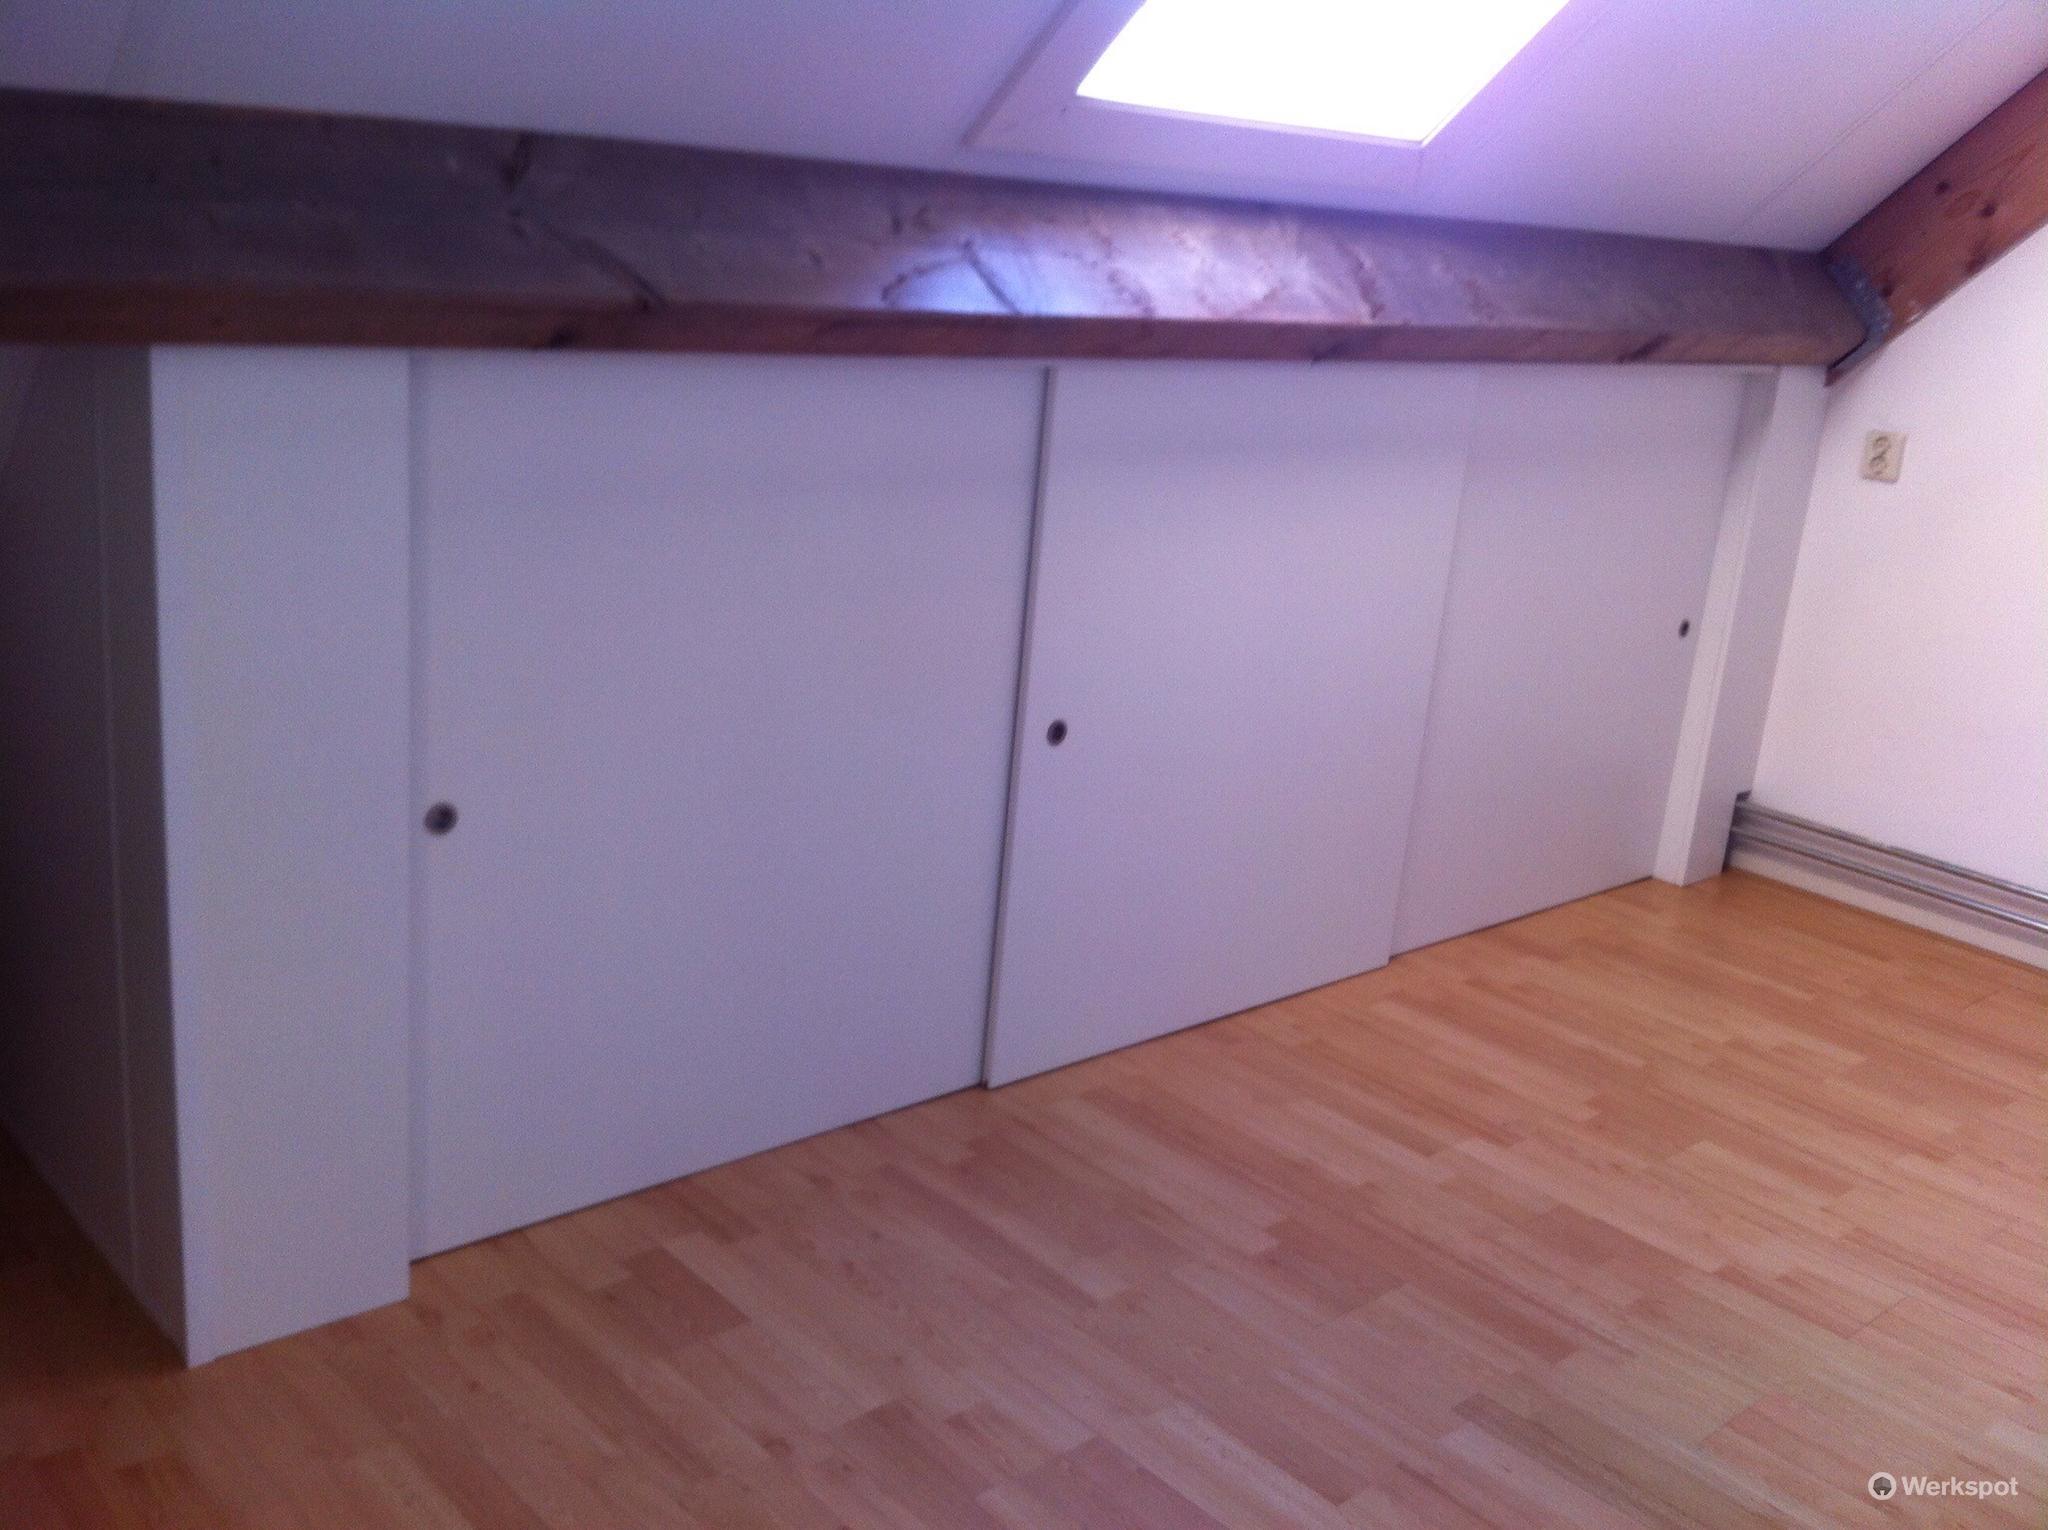 Rails Schuifdeuren Zolder.Schuifdeur Schuine Wand Kleine Slaapkamer Inrichten Ikea Verbouwing